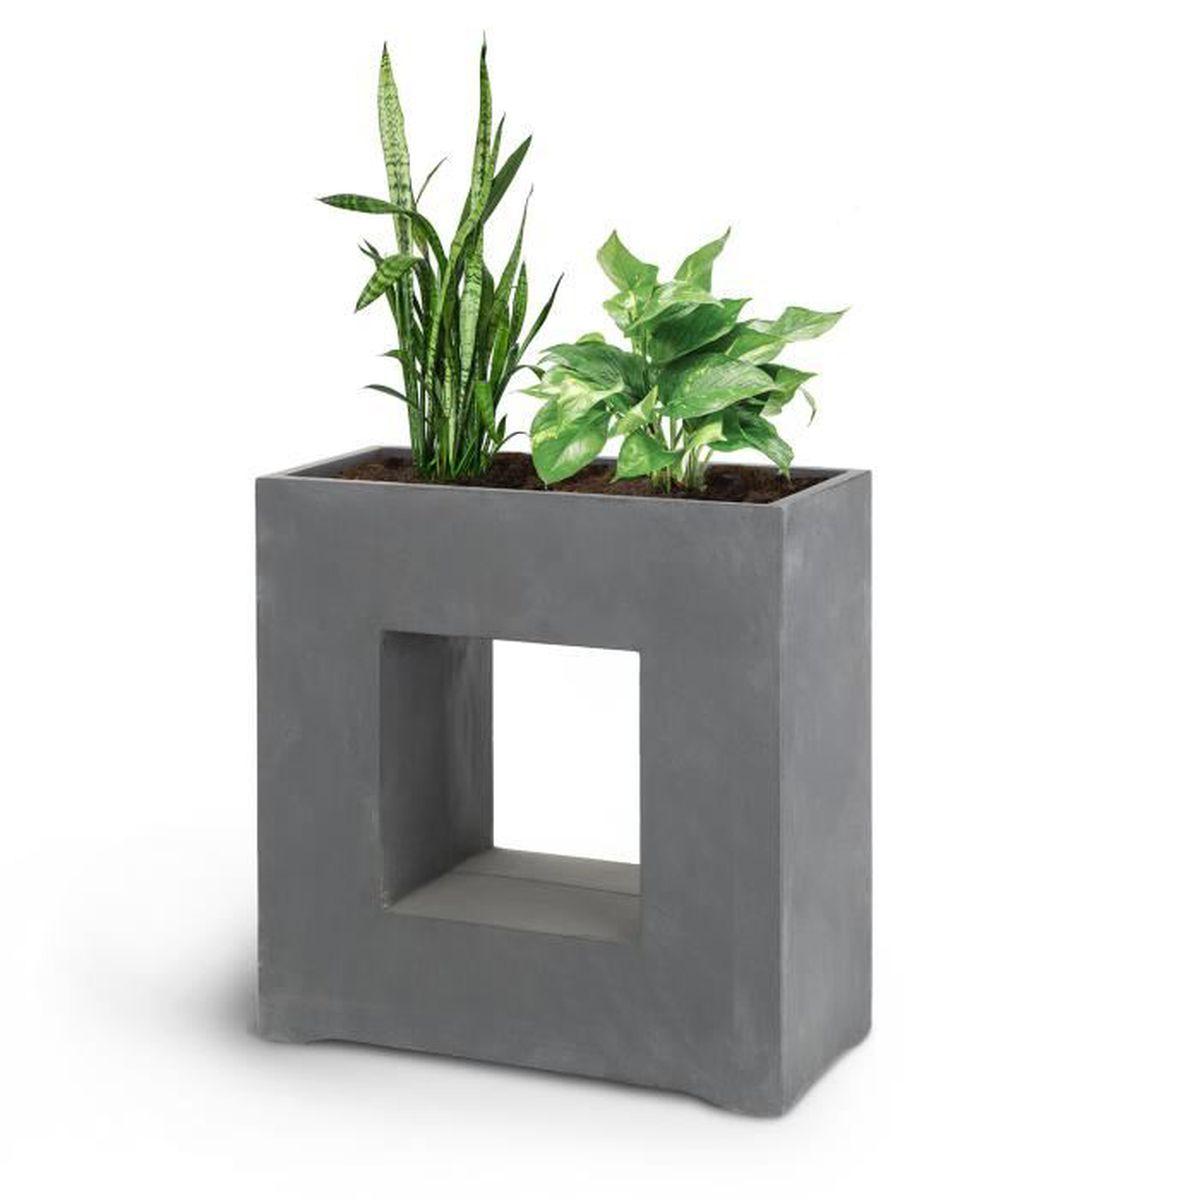 Piscine En Fibre De Verre A Vendre blumfeldt airflor - pot de fleurs jardinière - 70 x 70 x 27